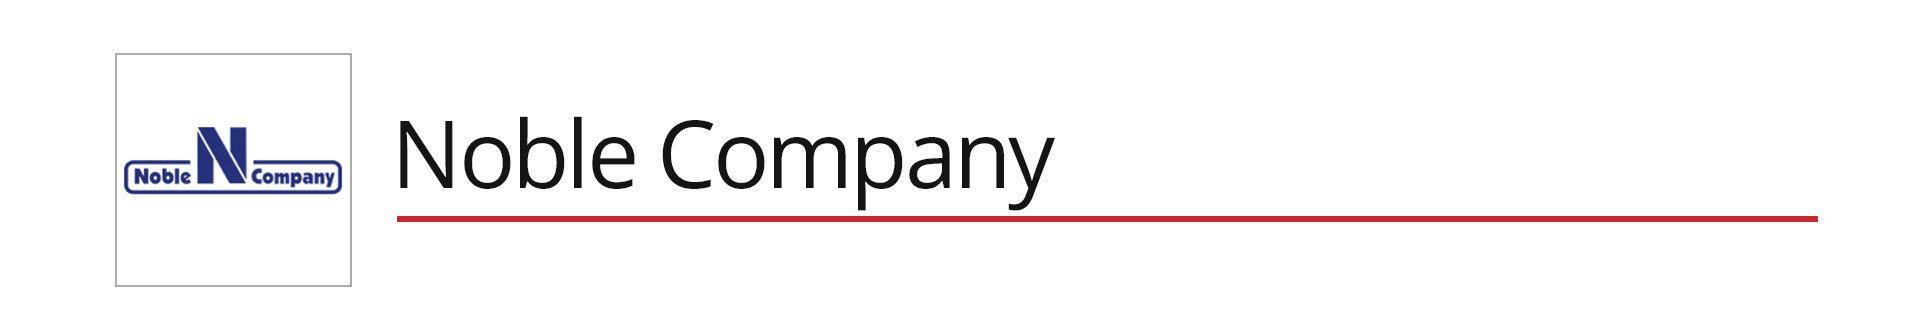 Noble-Company_CADBlock-Header.jpg